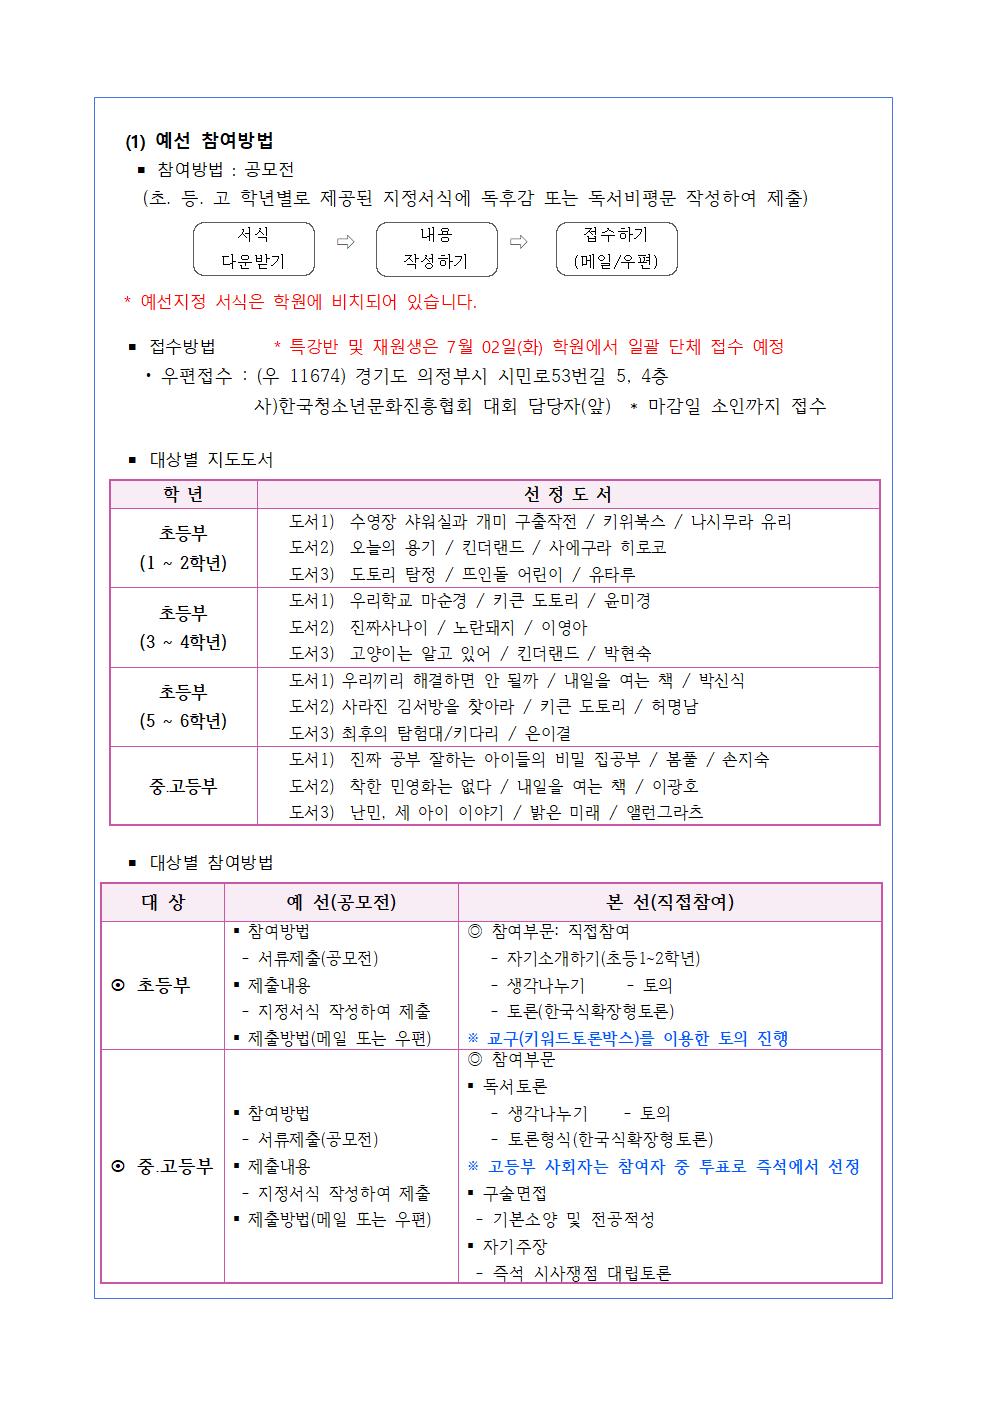 제17회전국청소년토론대회안내문(수정)002.png